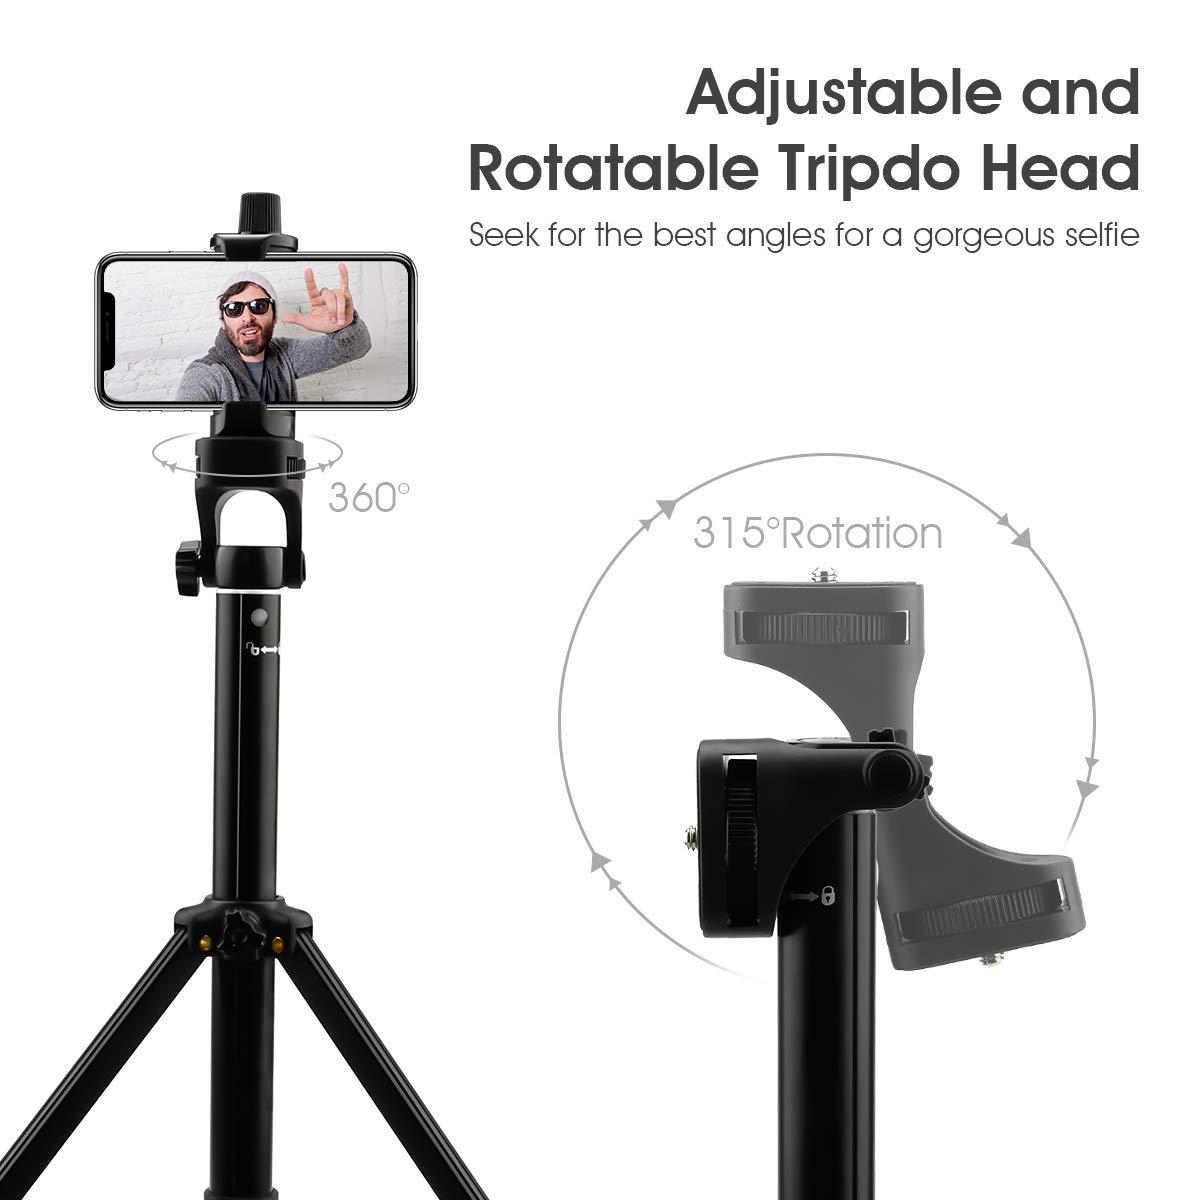 Greatangle Nuevo Xt10 Tr/ípode Selfie Stick Tel/éfono m/óvil Un Soporte telesc/ópico Temporizador autom/ático Artefacto Multifunci/ón Negro